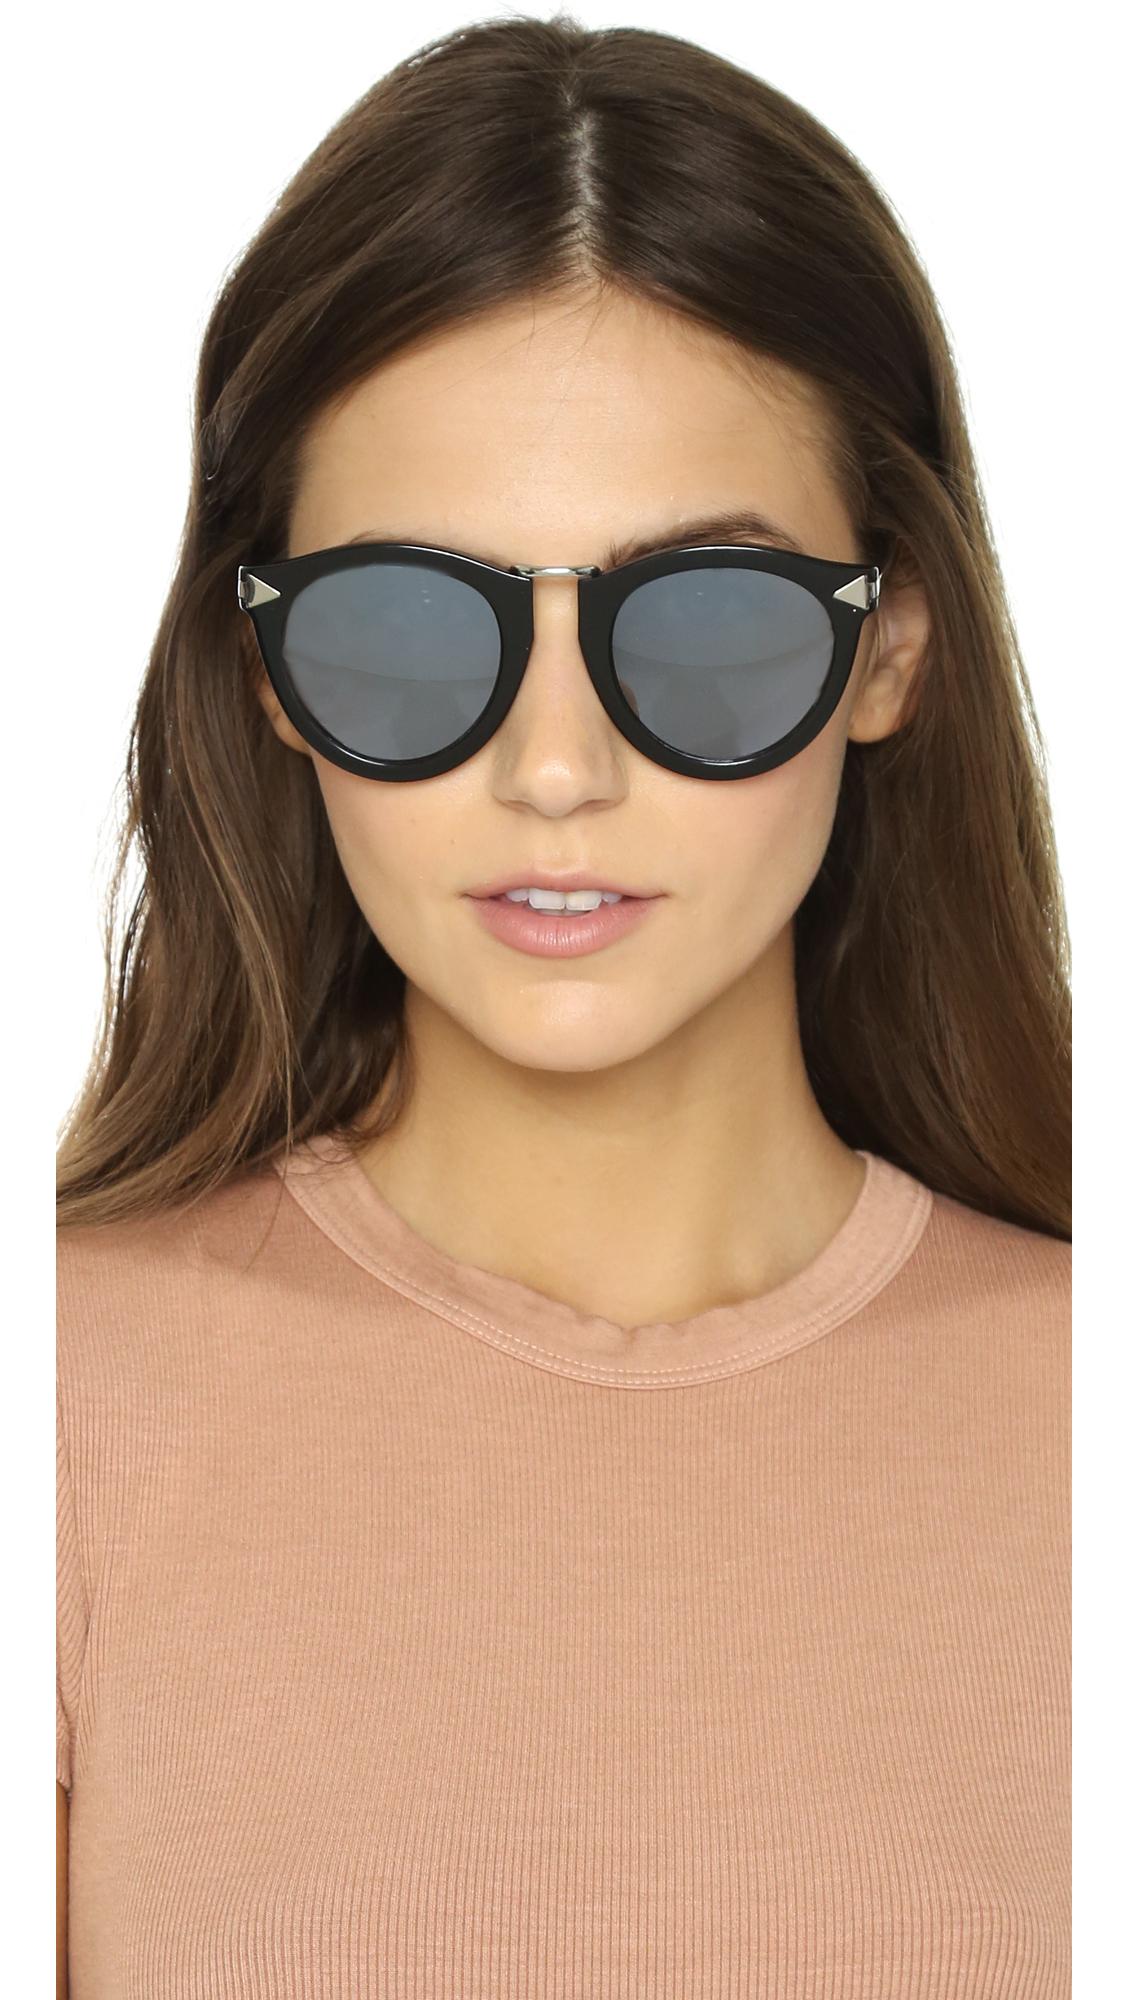 e6deda34676 Lyst - Karen Walker Superstars Harvest Sunglasses in Black